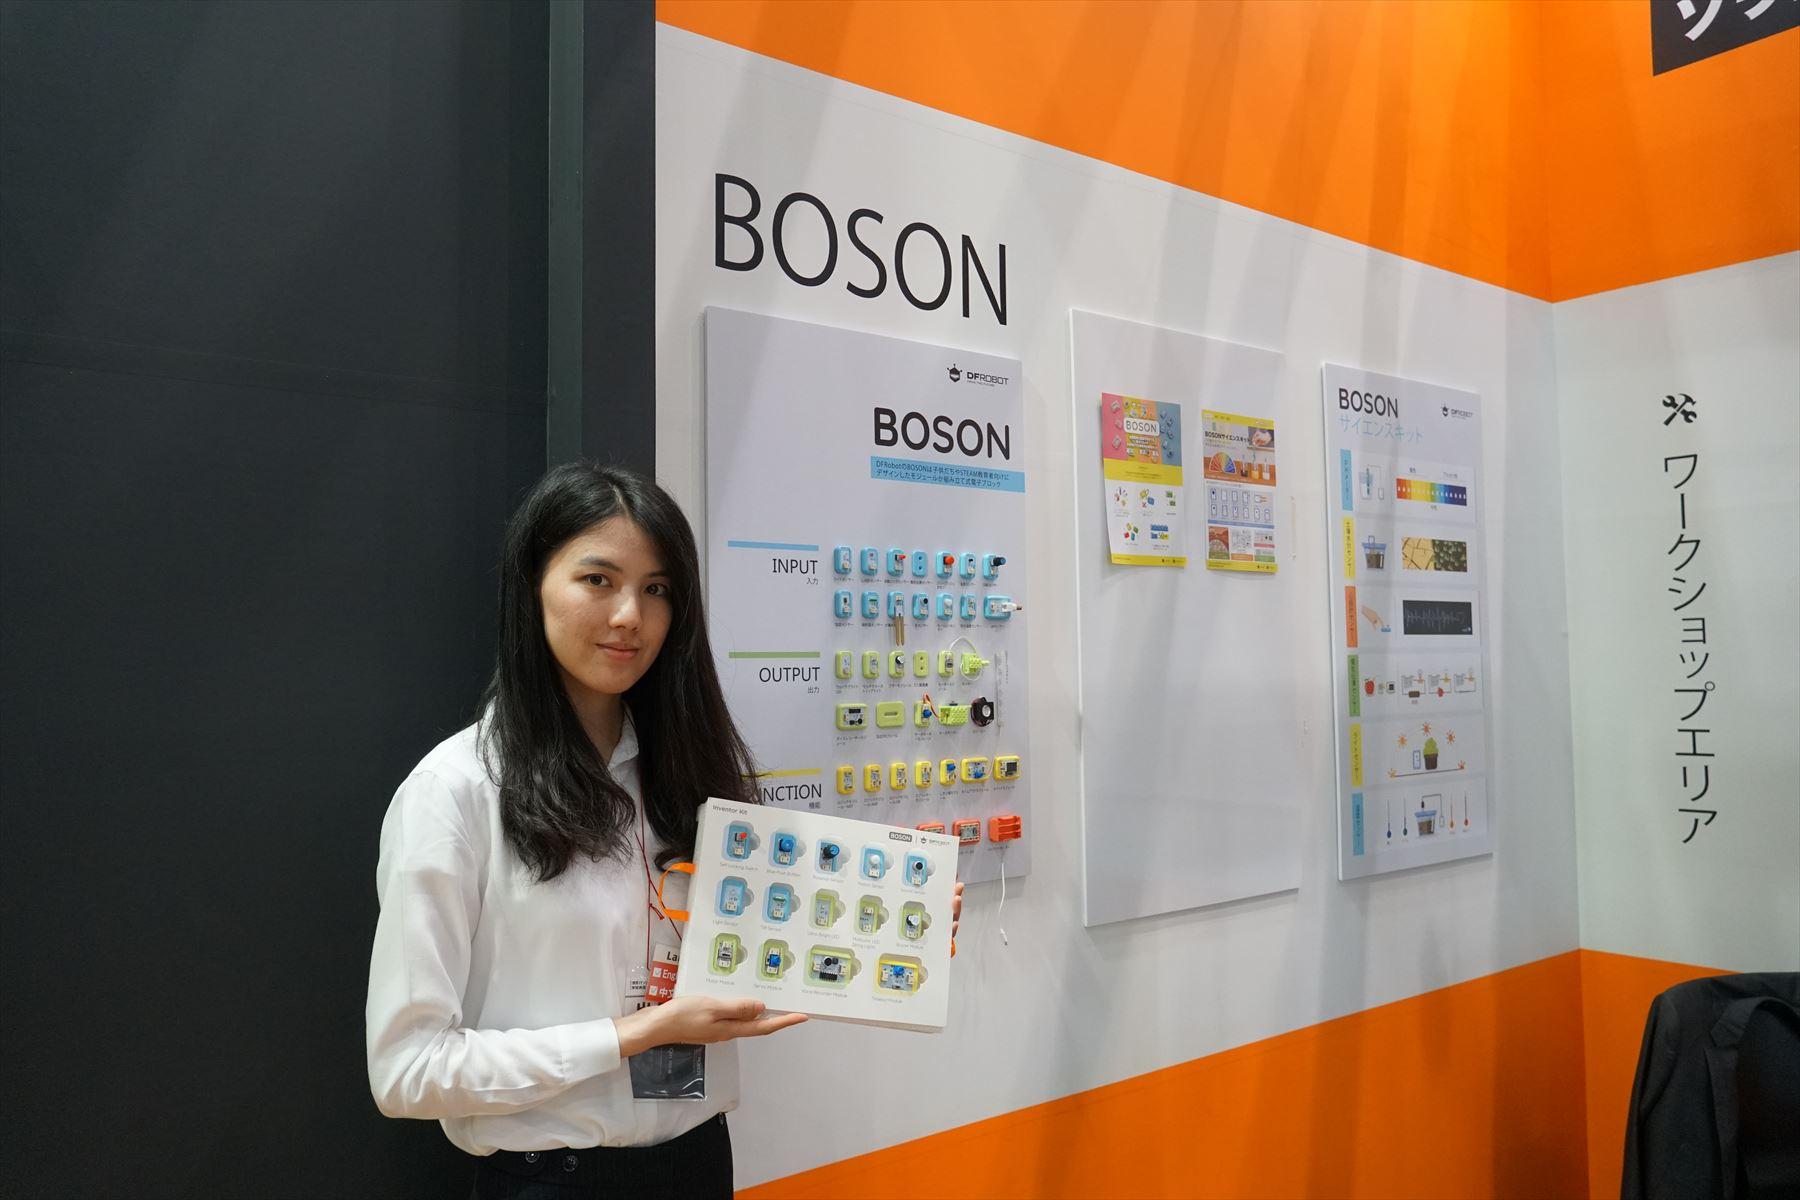 DFロボットのブース。Bosonを持つスタッフ